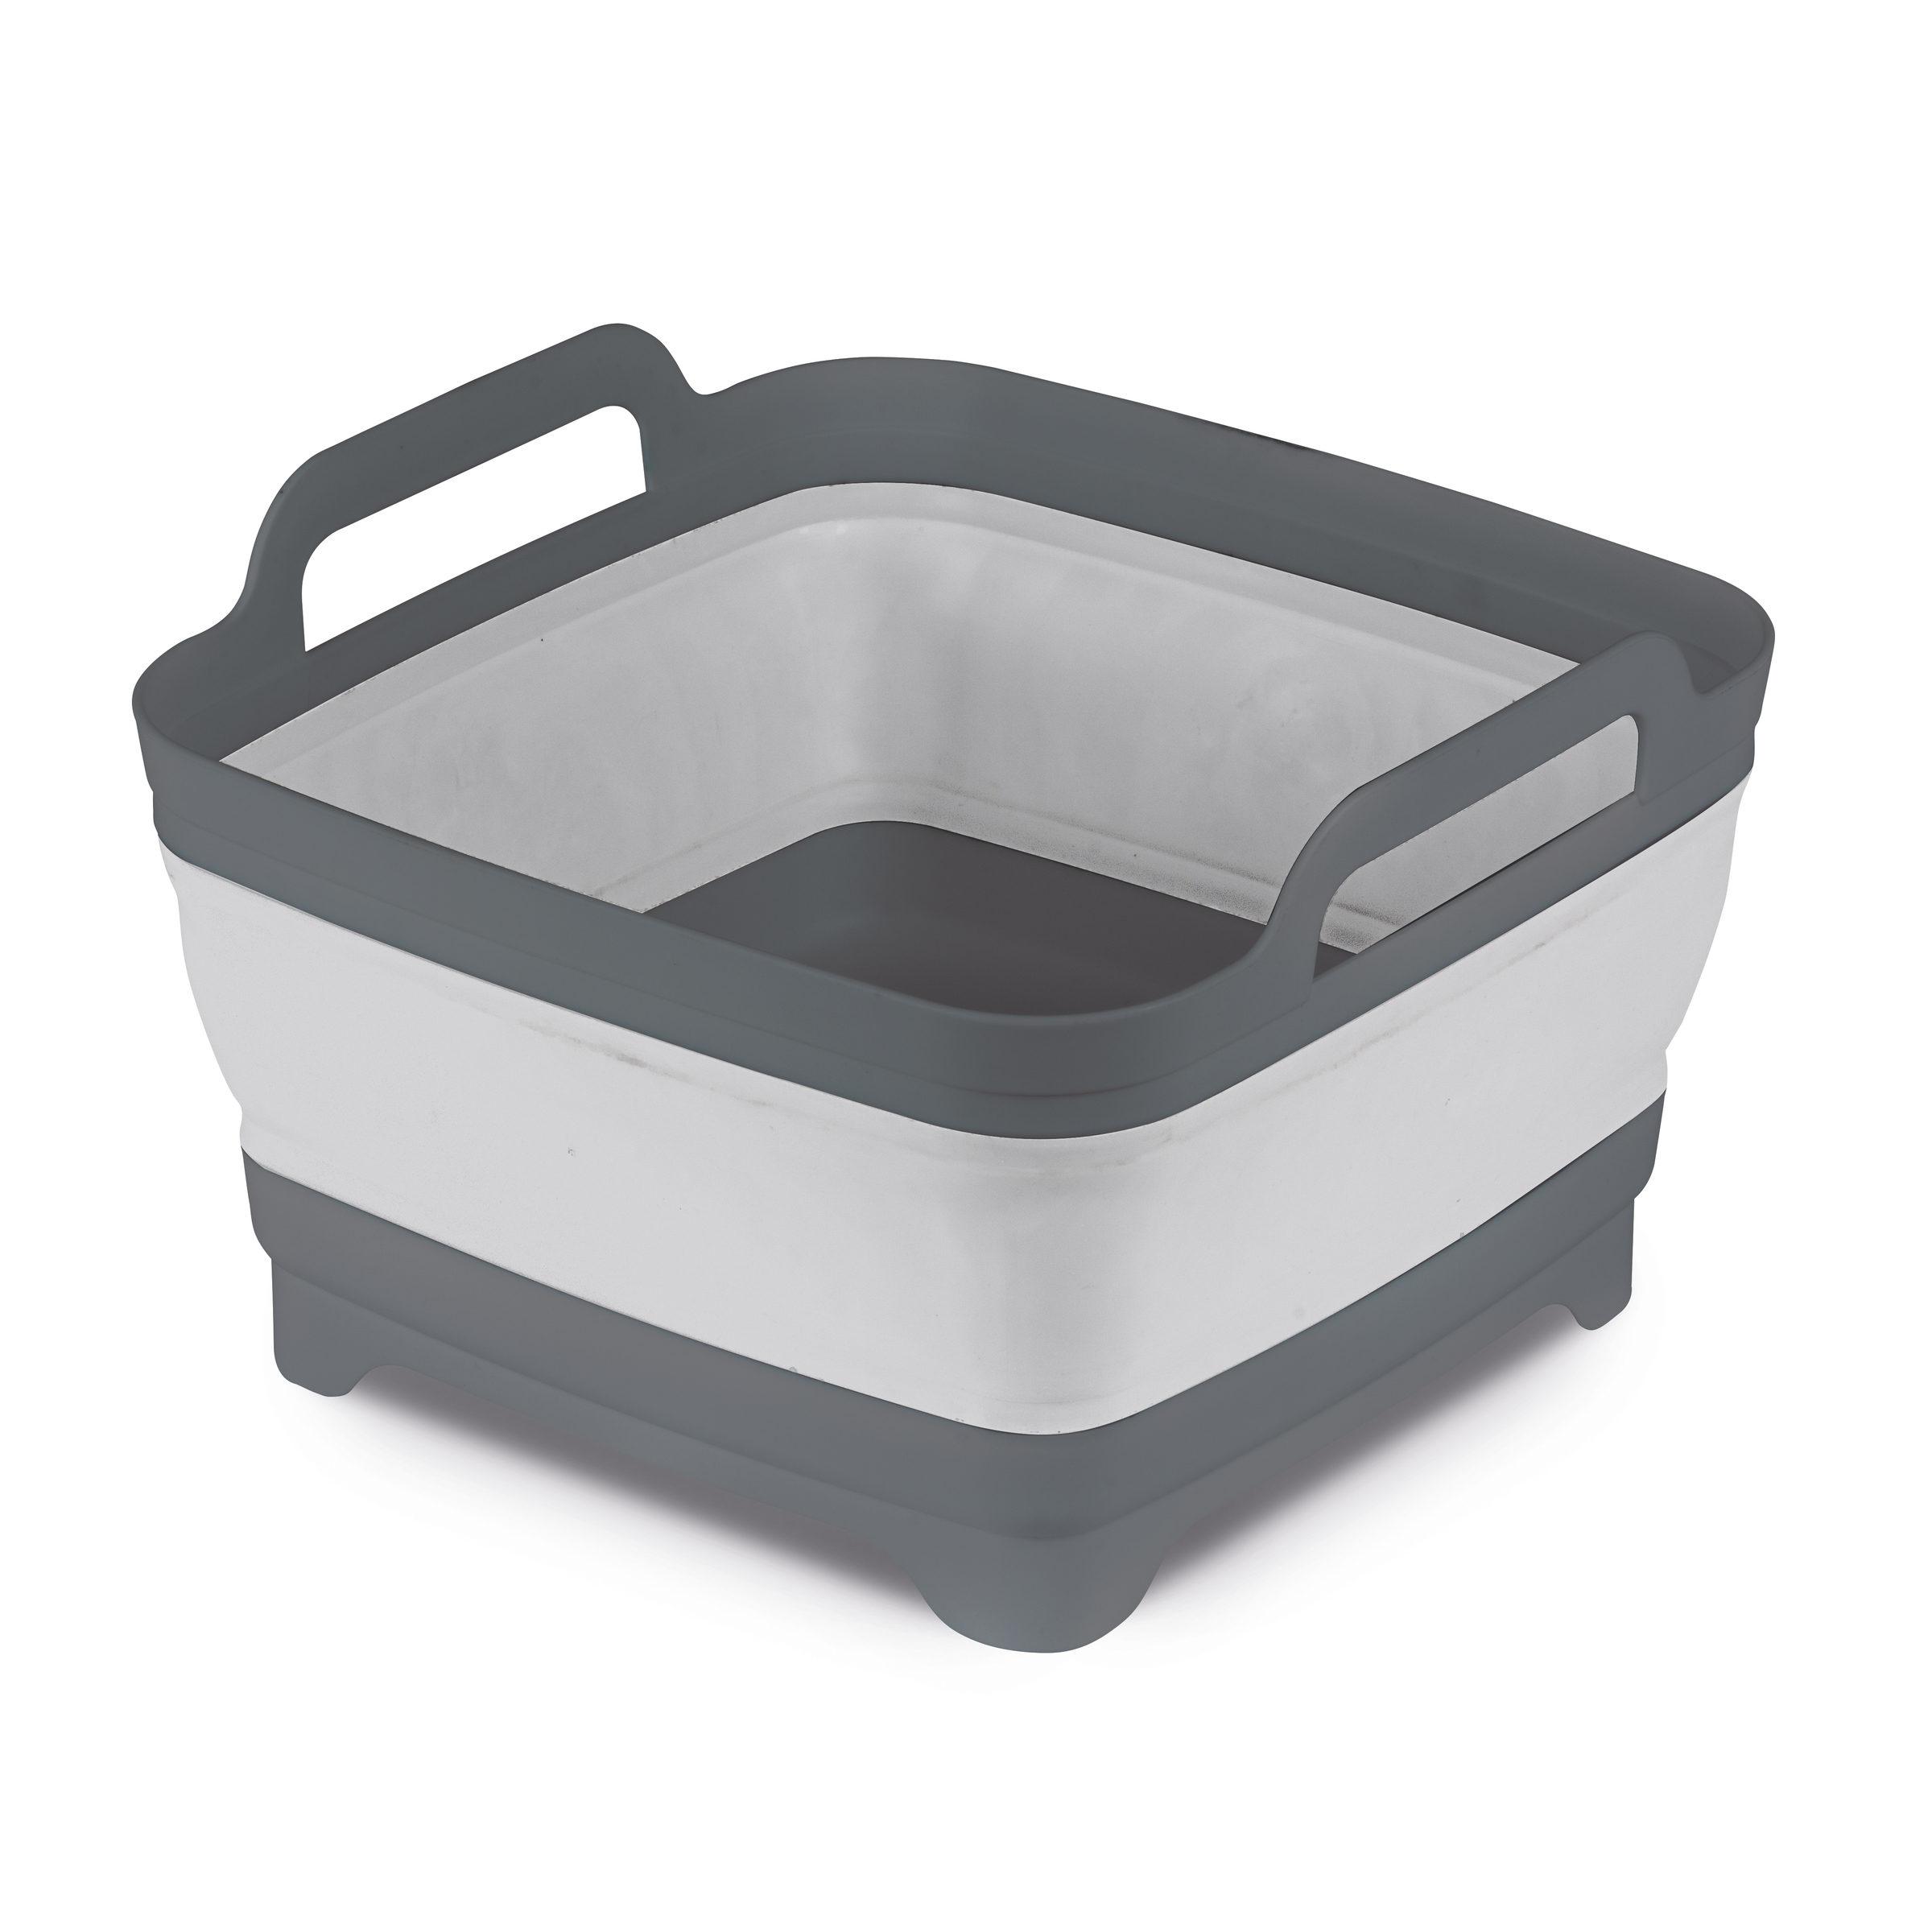 Kampa Rectangular Collapsible Washing Bowl